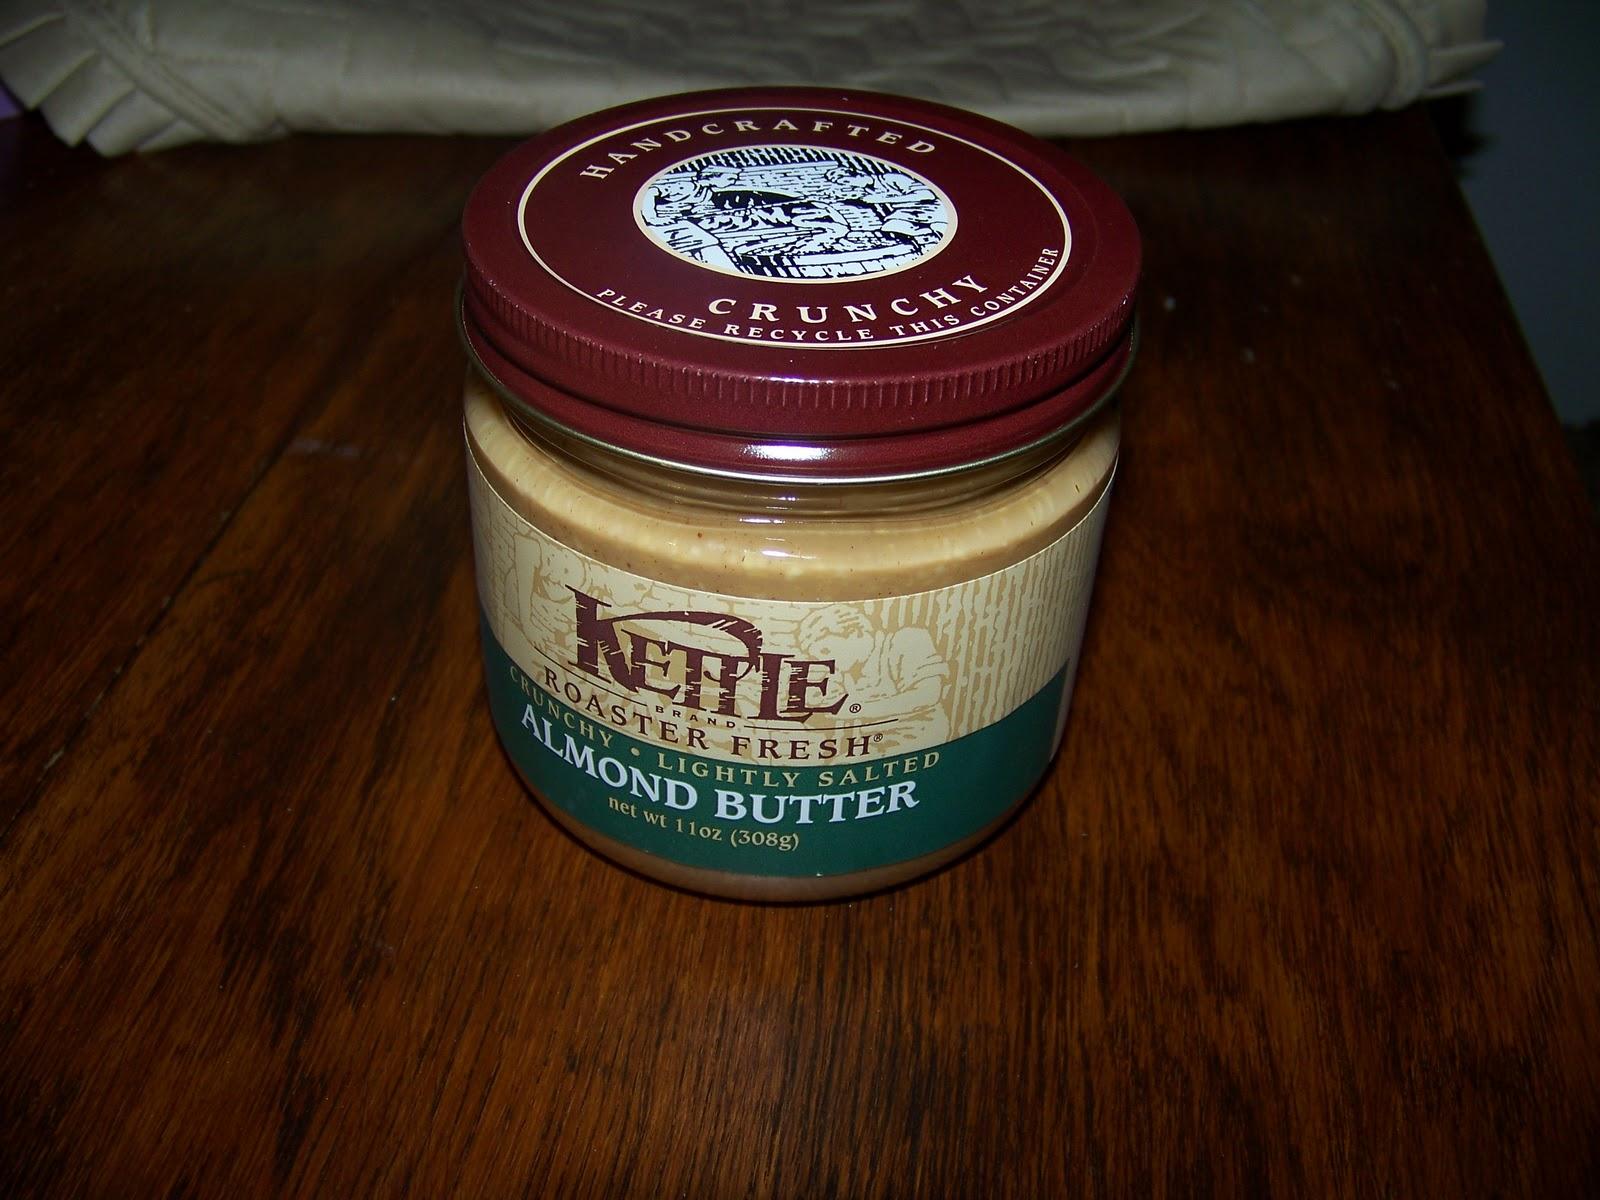 Almond butter reviews